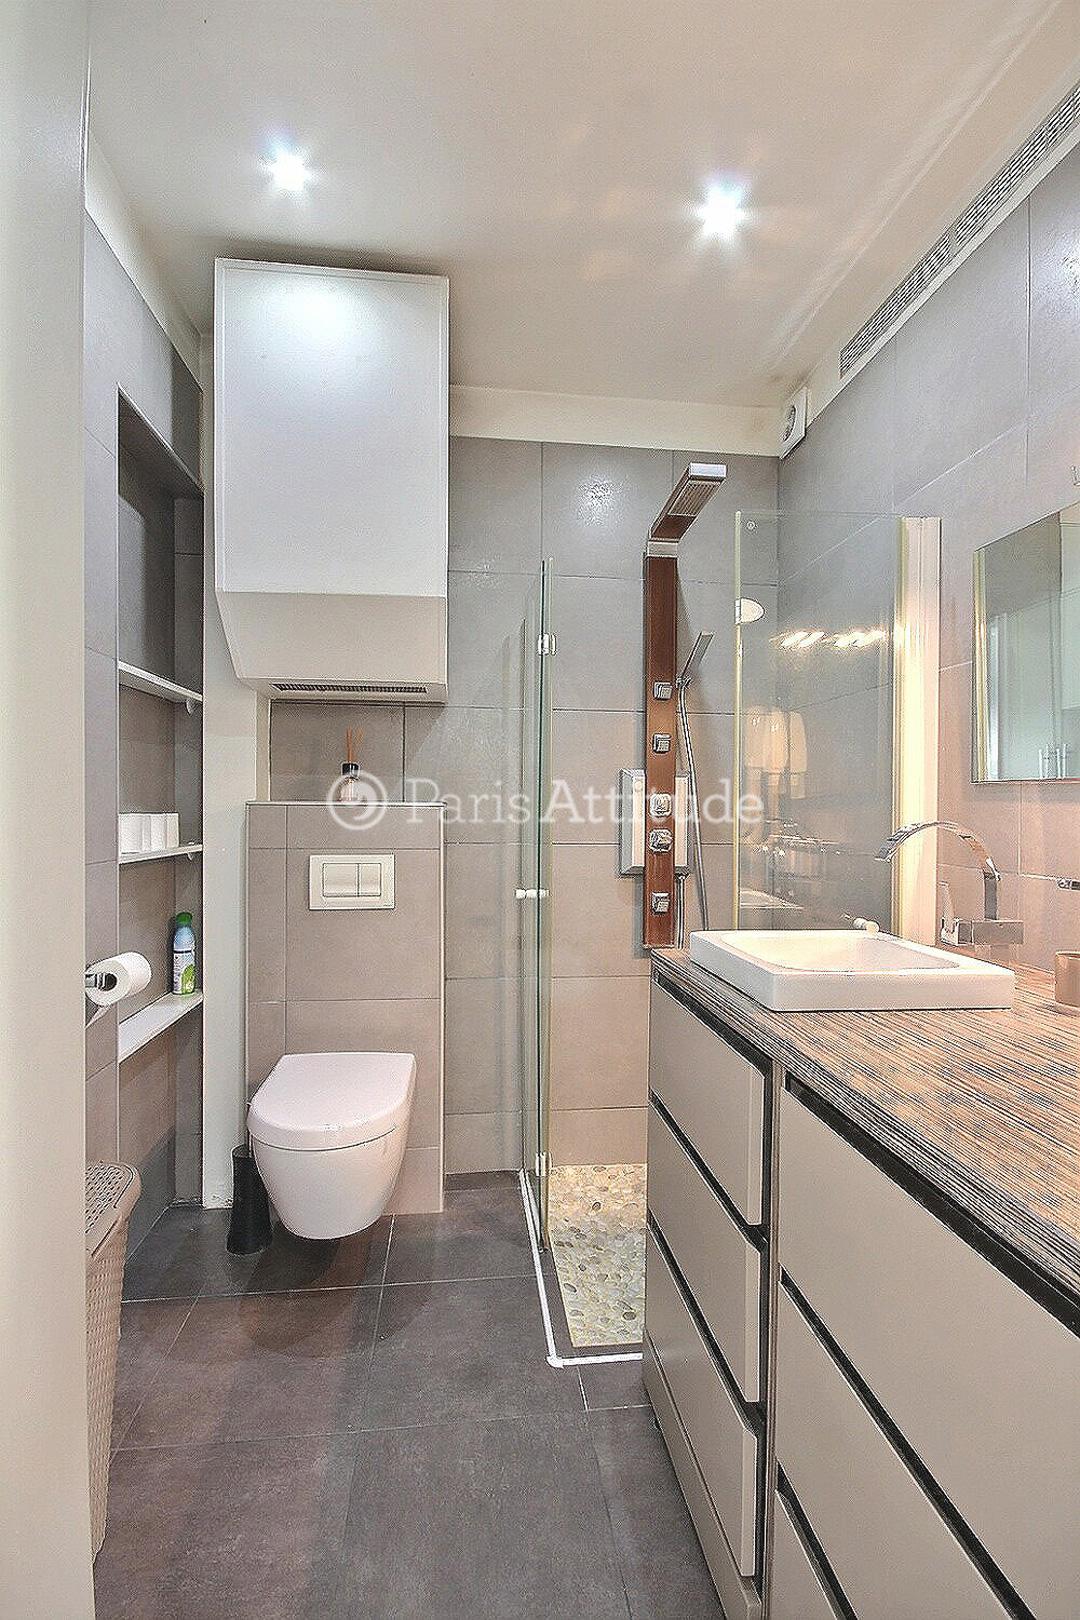 louer un appartement paris 75017 27m charles de gaulle etoile ref 8772. Black Bedroom Furniture Sets. Home Design Ideas